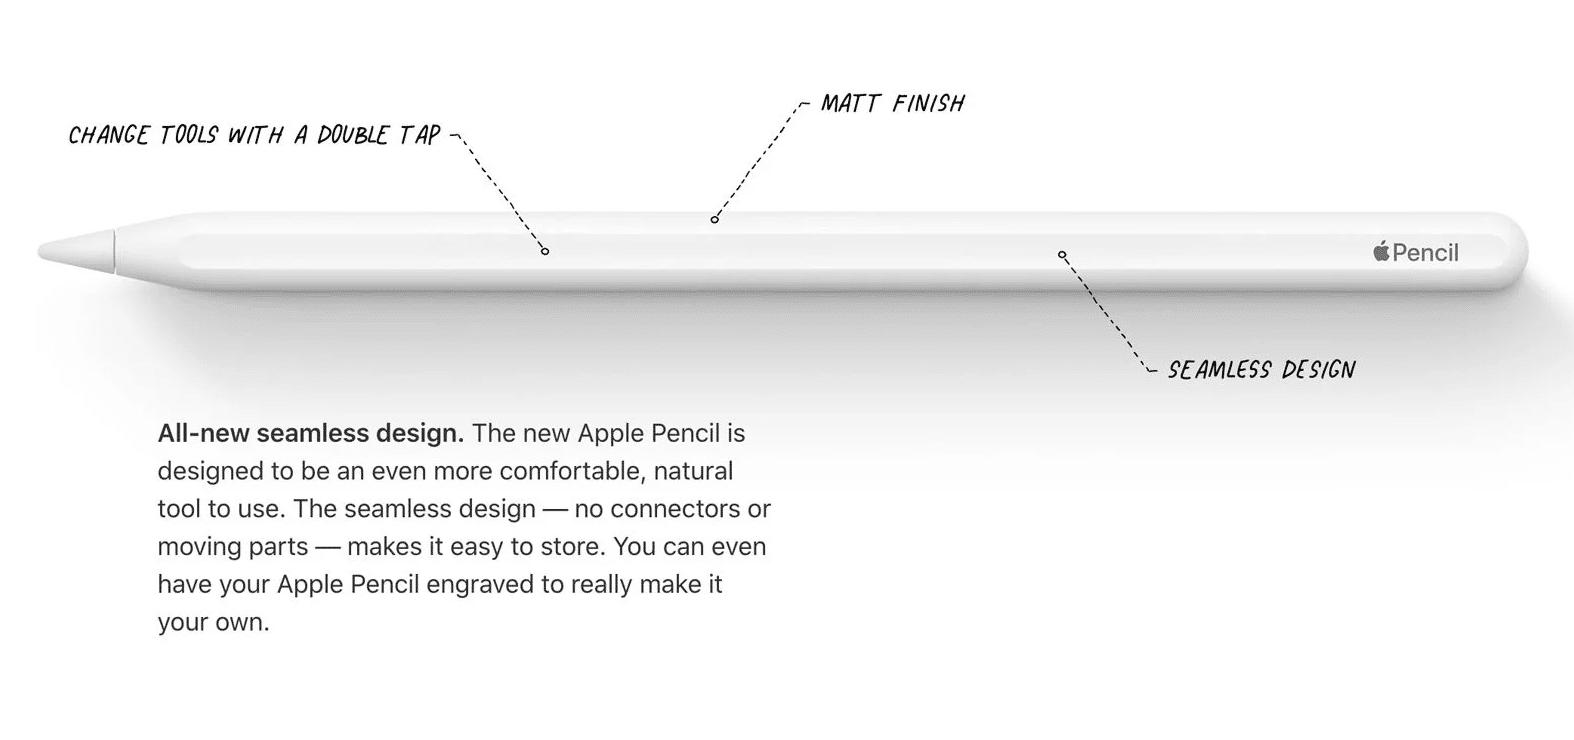 لا يمكنك استخدام Apple Pencil الجديد علي الـiPad القديم 1